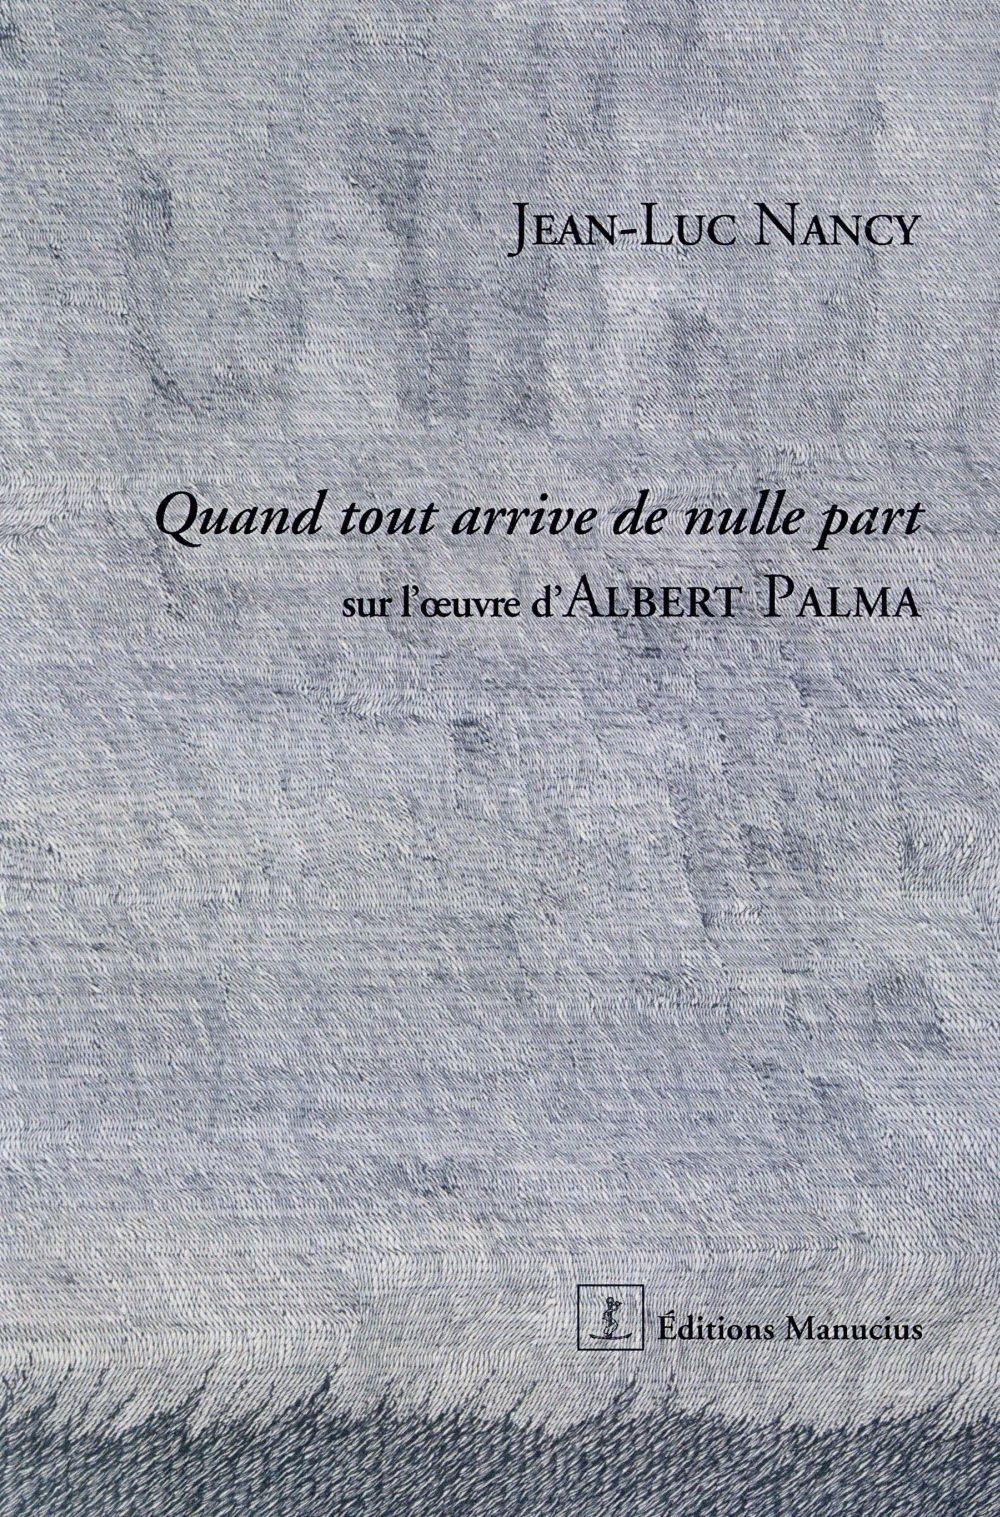 quand tout arrive de nulle part ; sur l'oeuvre d'Albert Palma